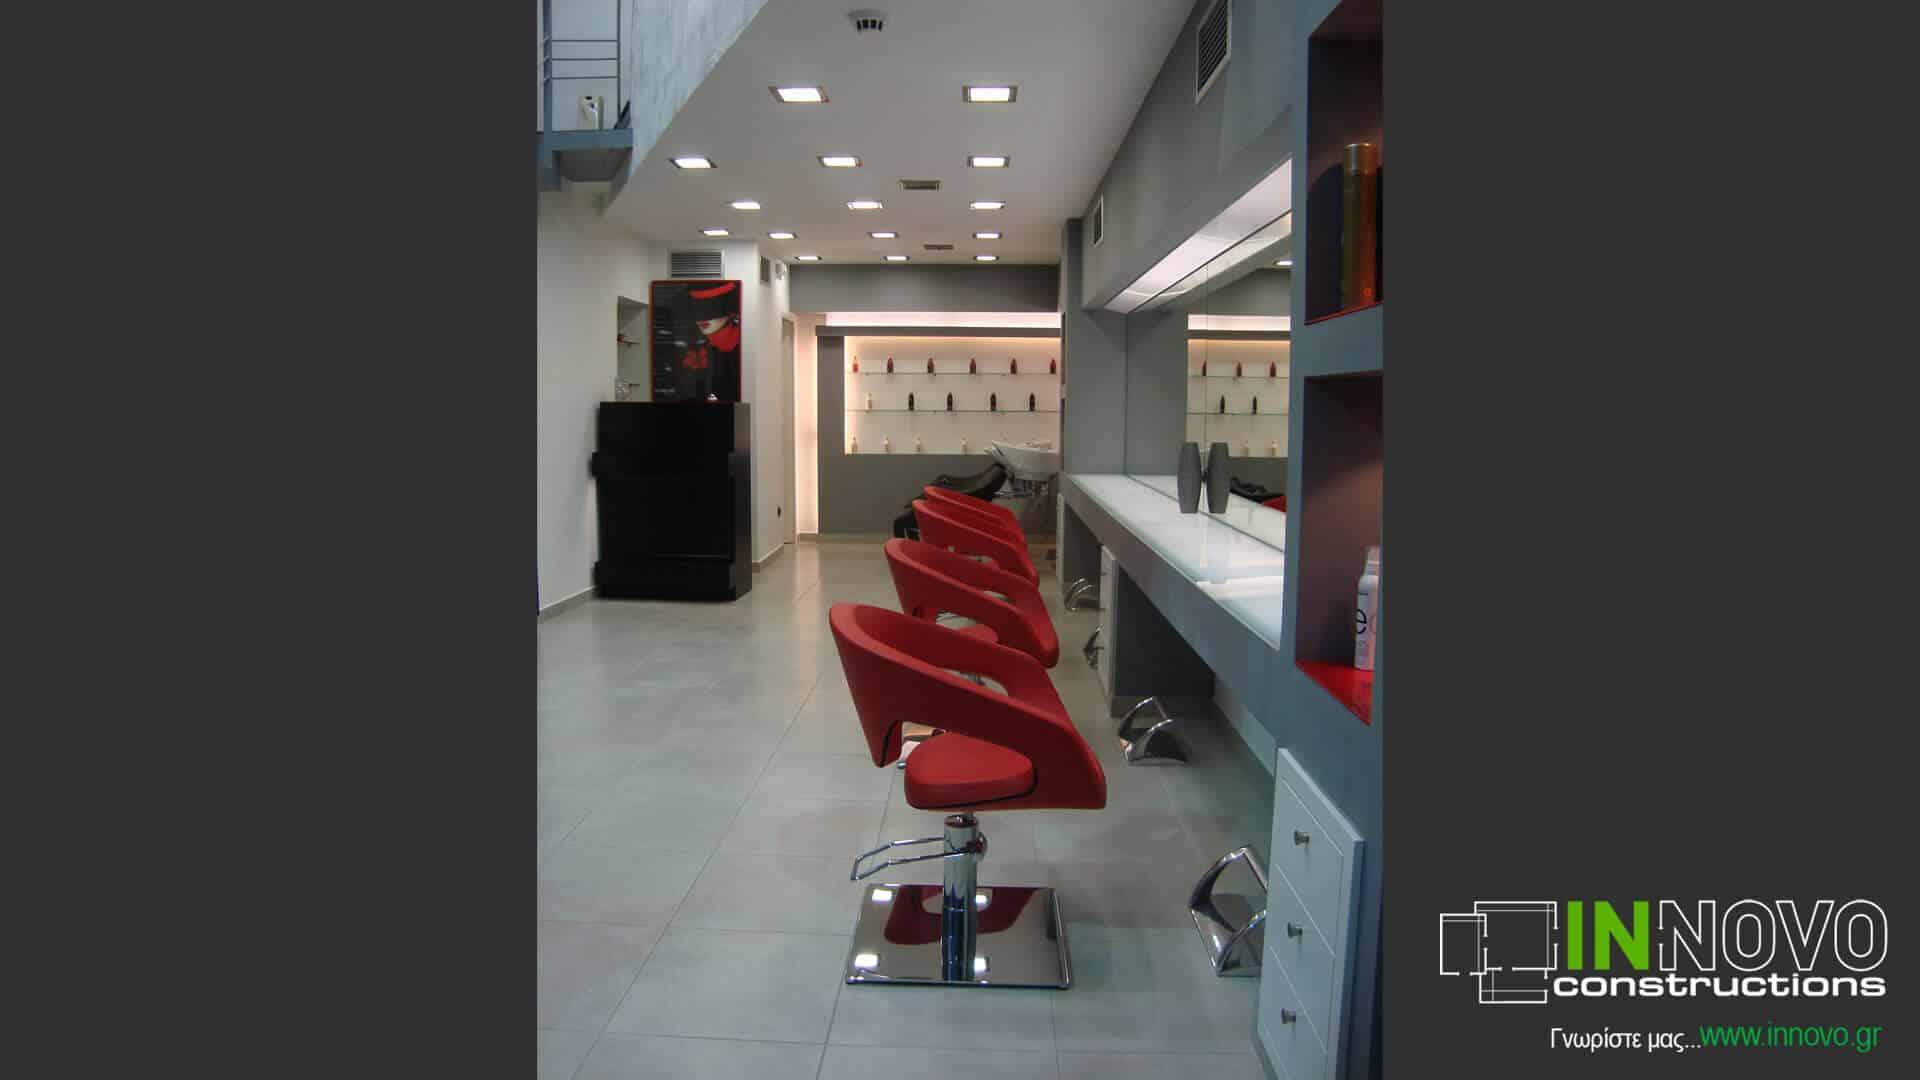 diakosmisi-kommotiriou-hairdressers-design-kommotirio-nafplio-1071-10